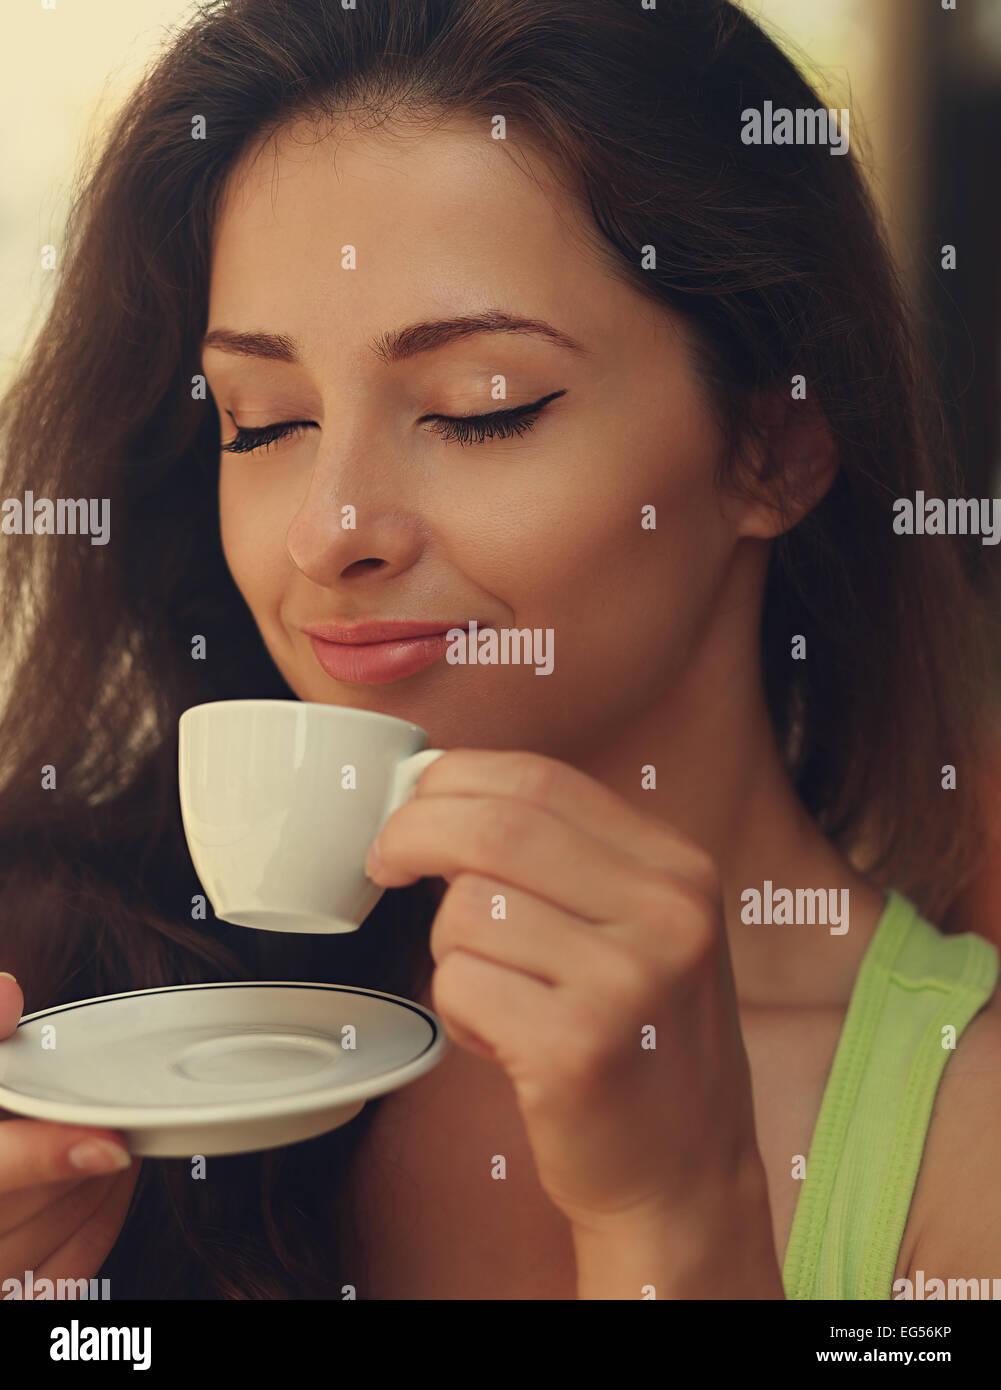 Bella donna felice di bere il caffè con gli occhi chiusi. Closeup ritratto vintage Immagini Stock